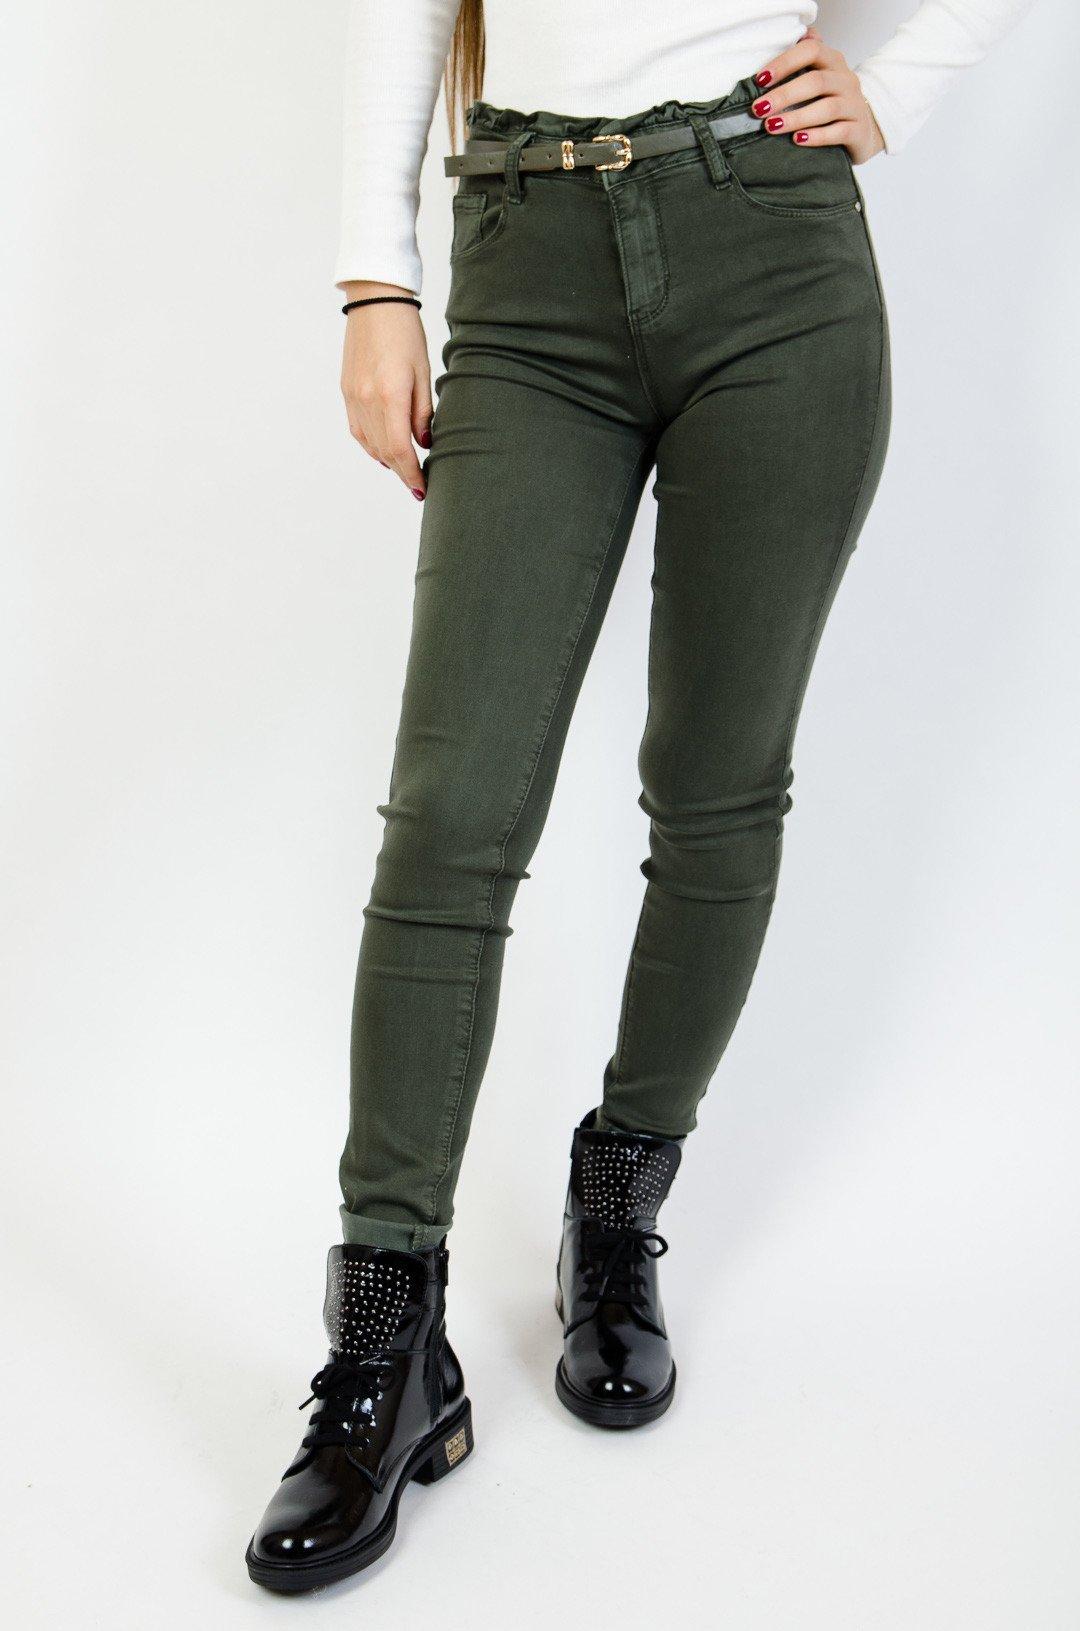 0be0d36f676f Zielone spodnie skinny z wysokim stanem + pasek Zielone